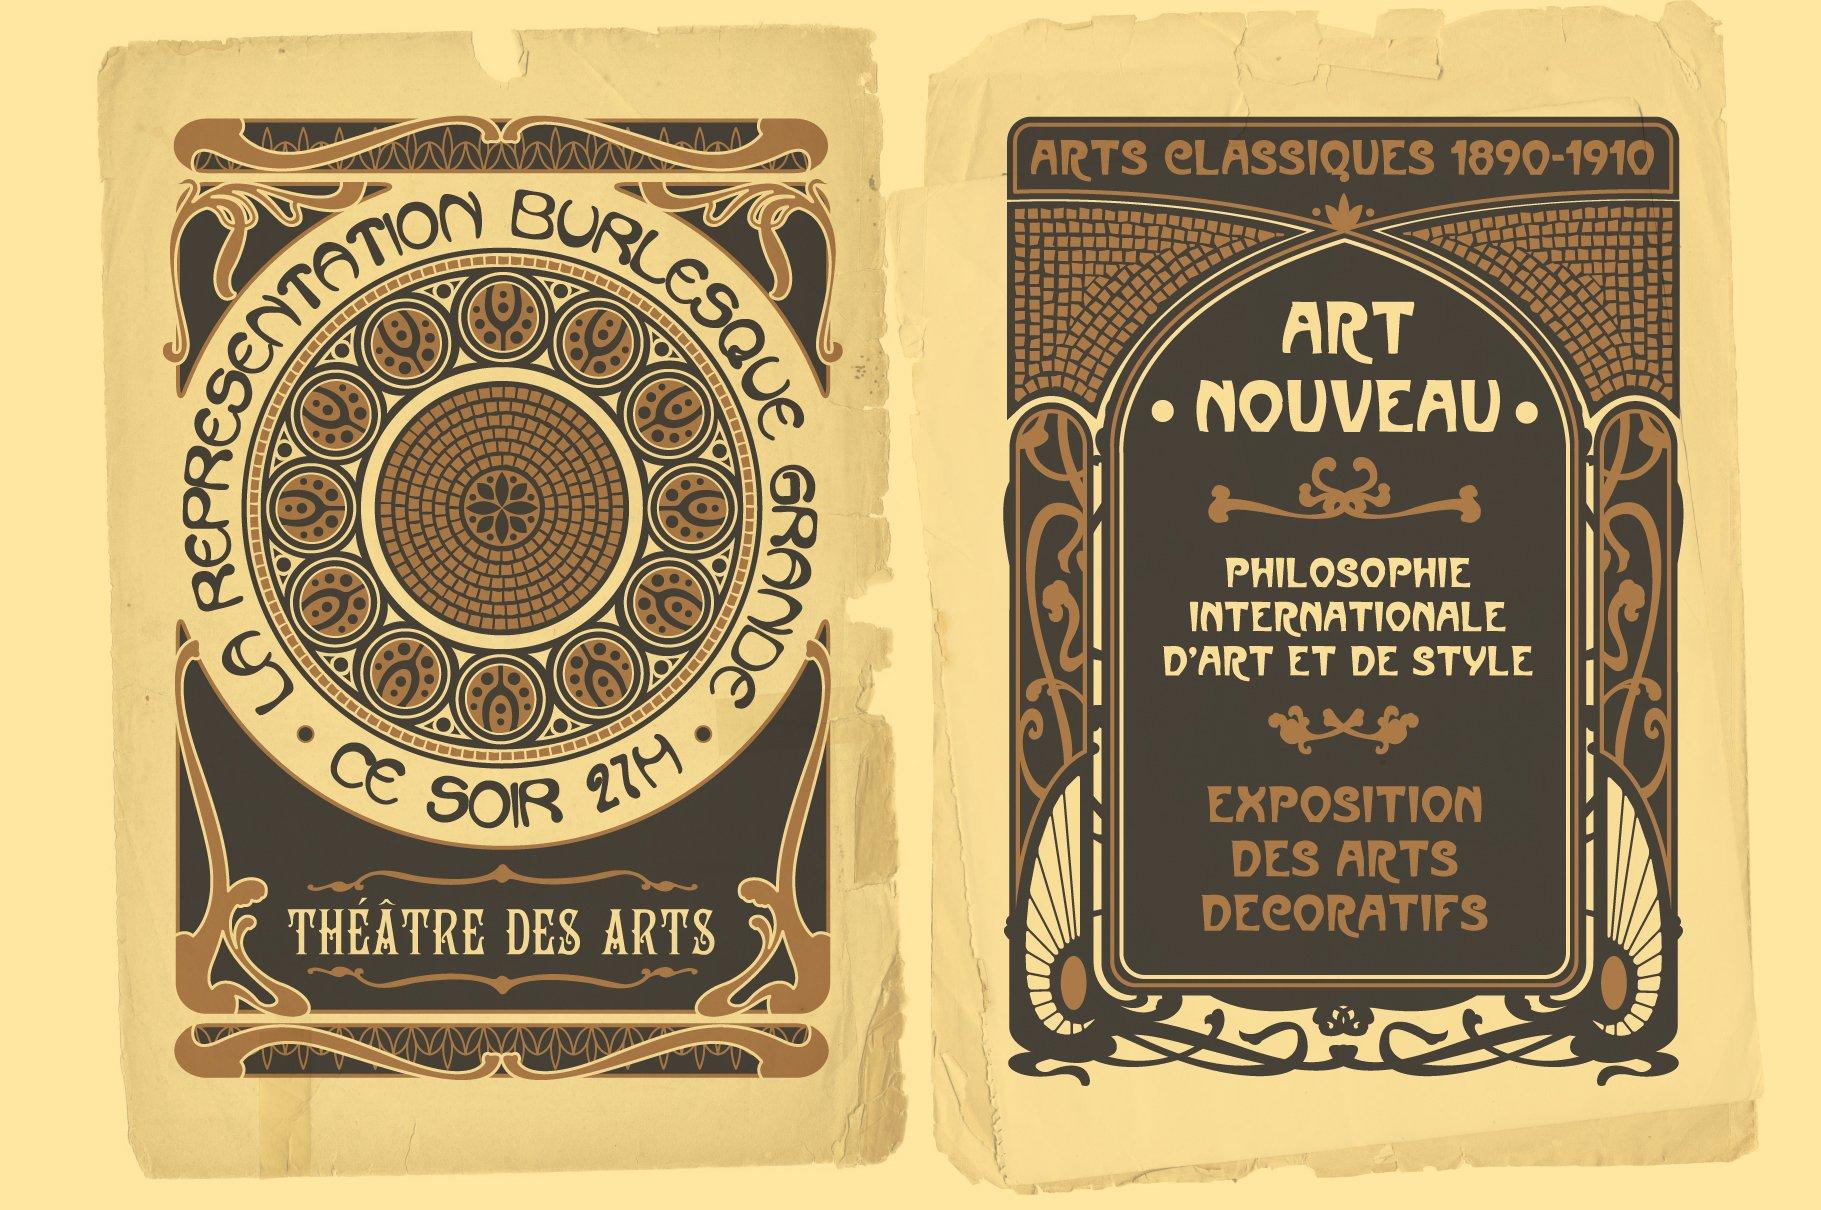 Vintage Art Nouveau Style Design Templates example image 2